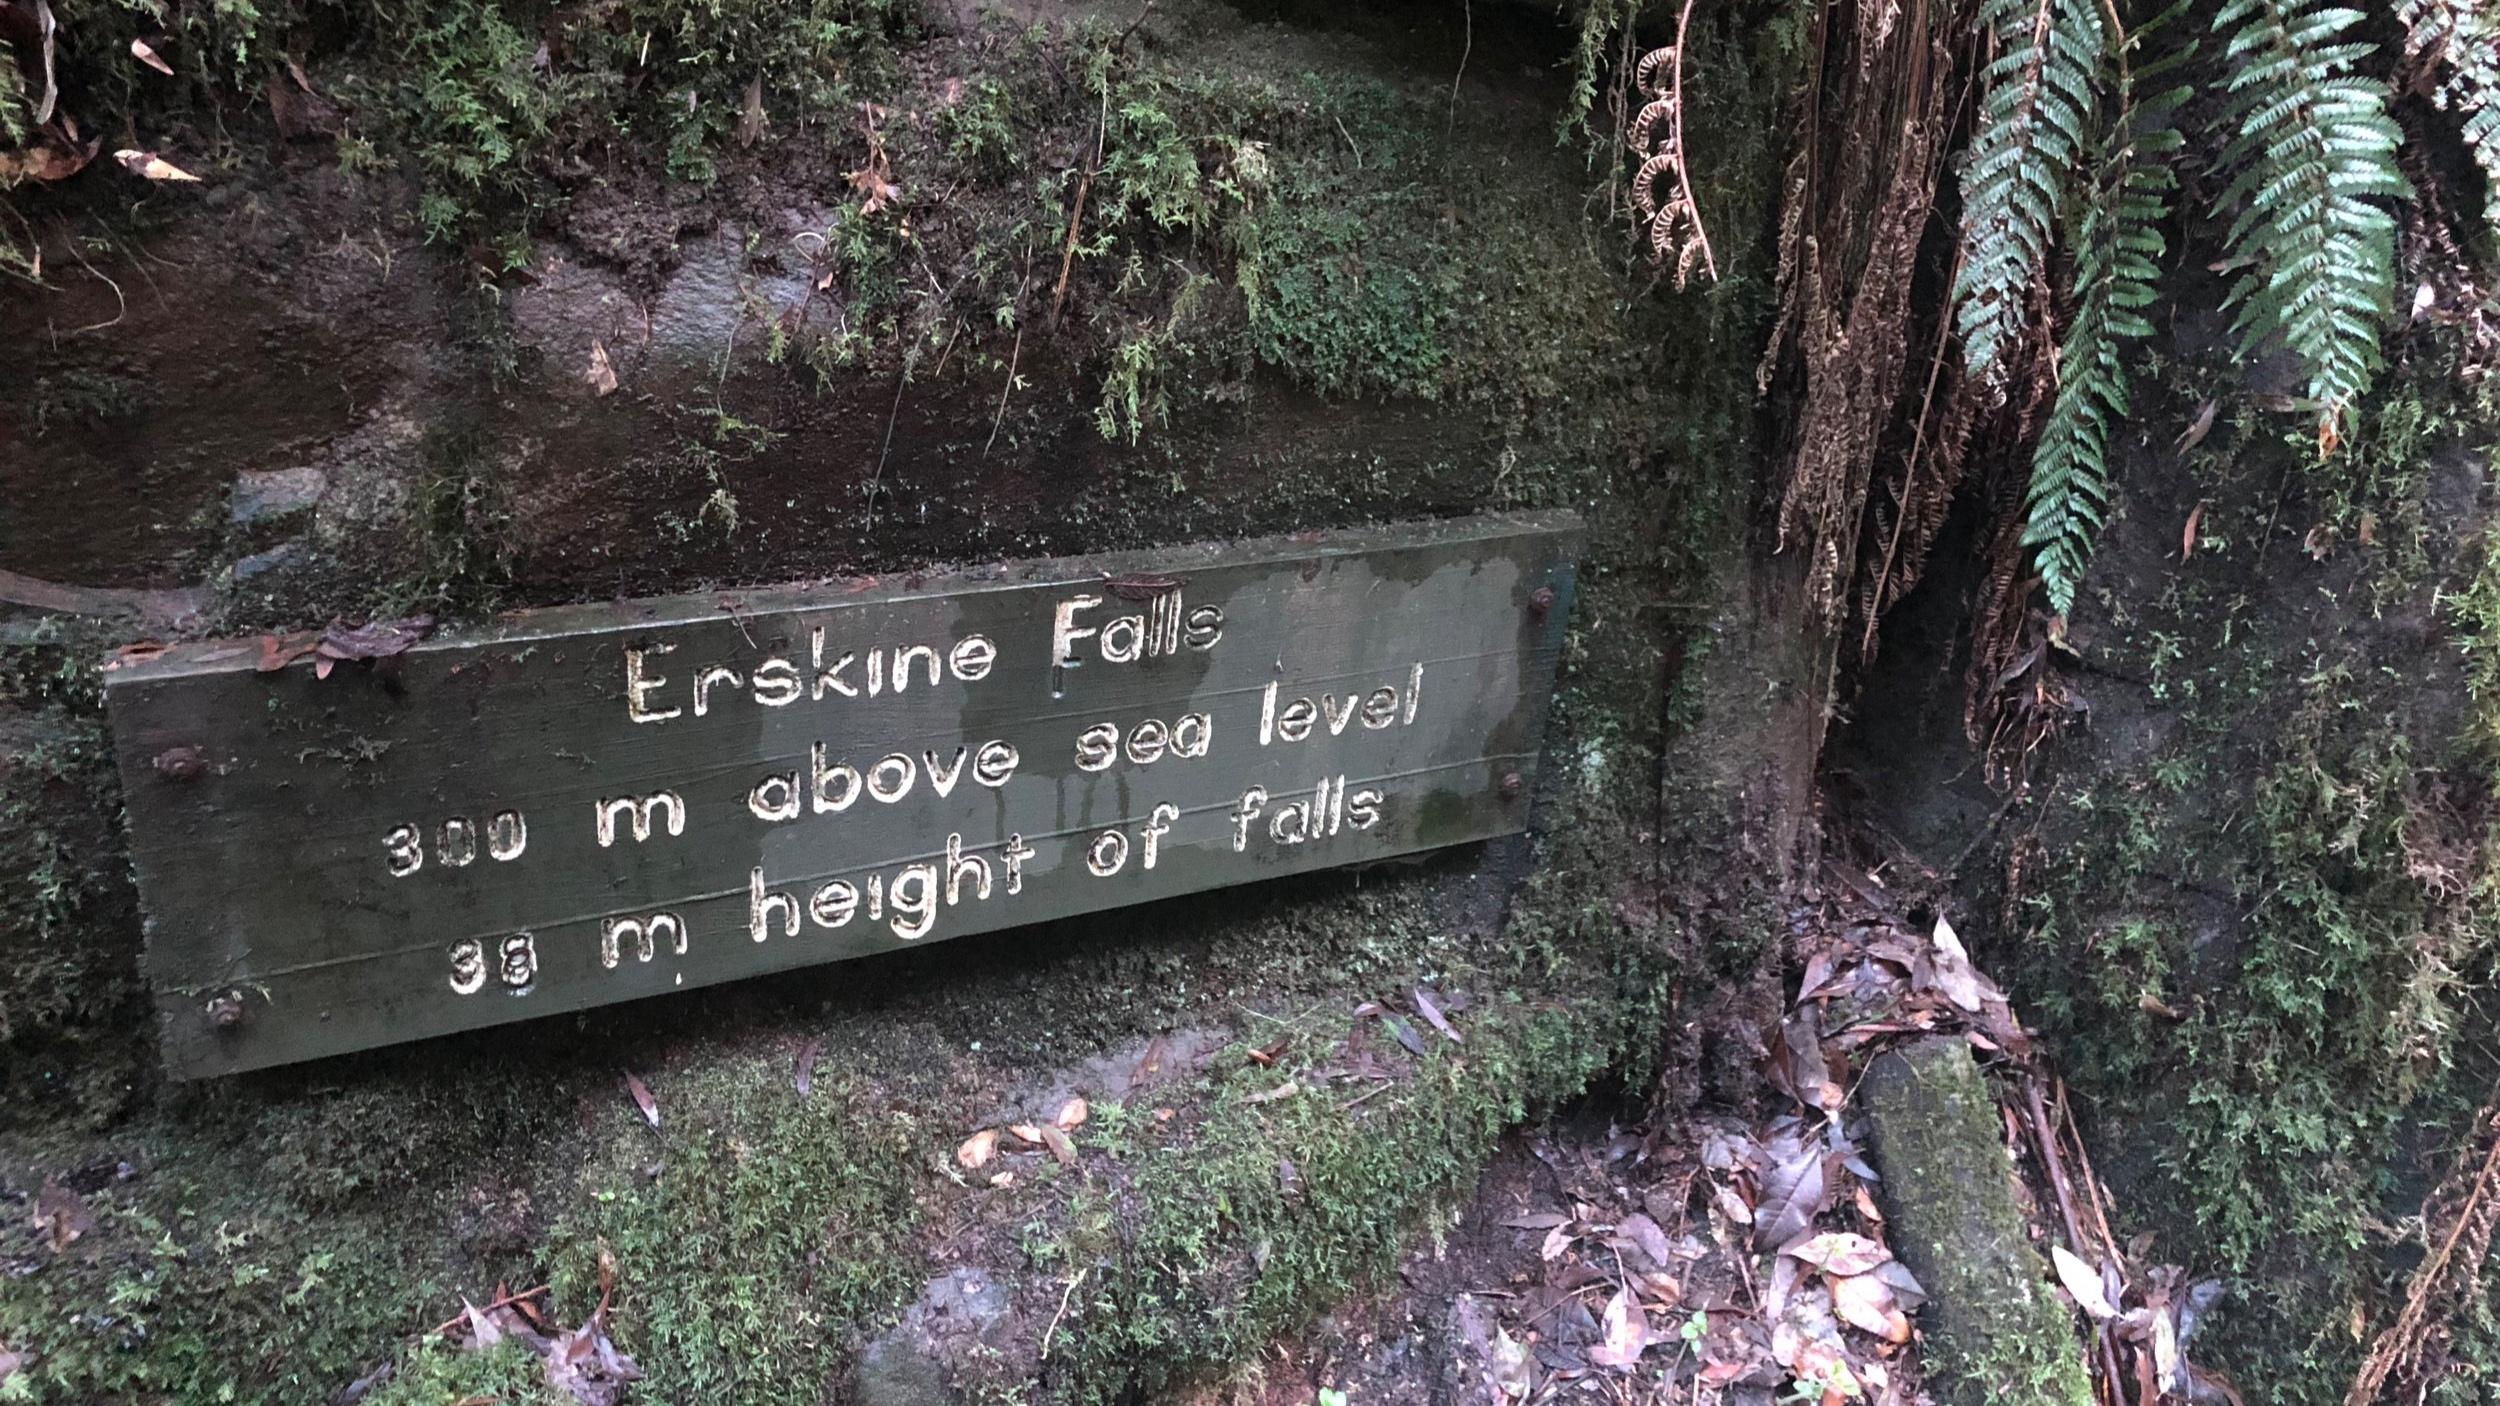 Erskine Falls - an easy hike